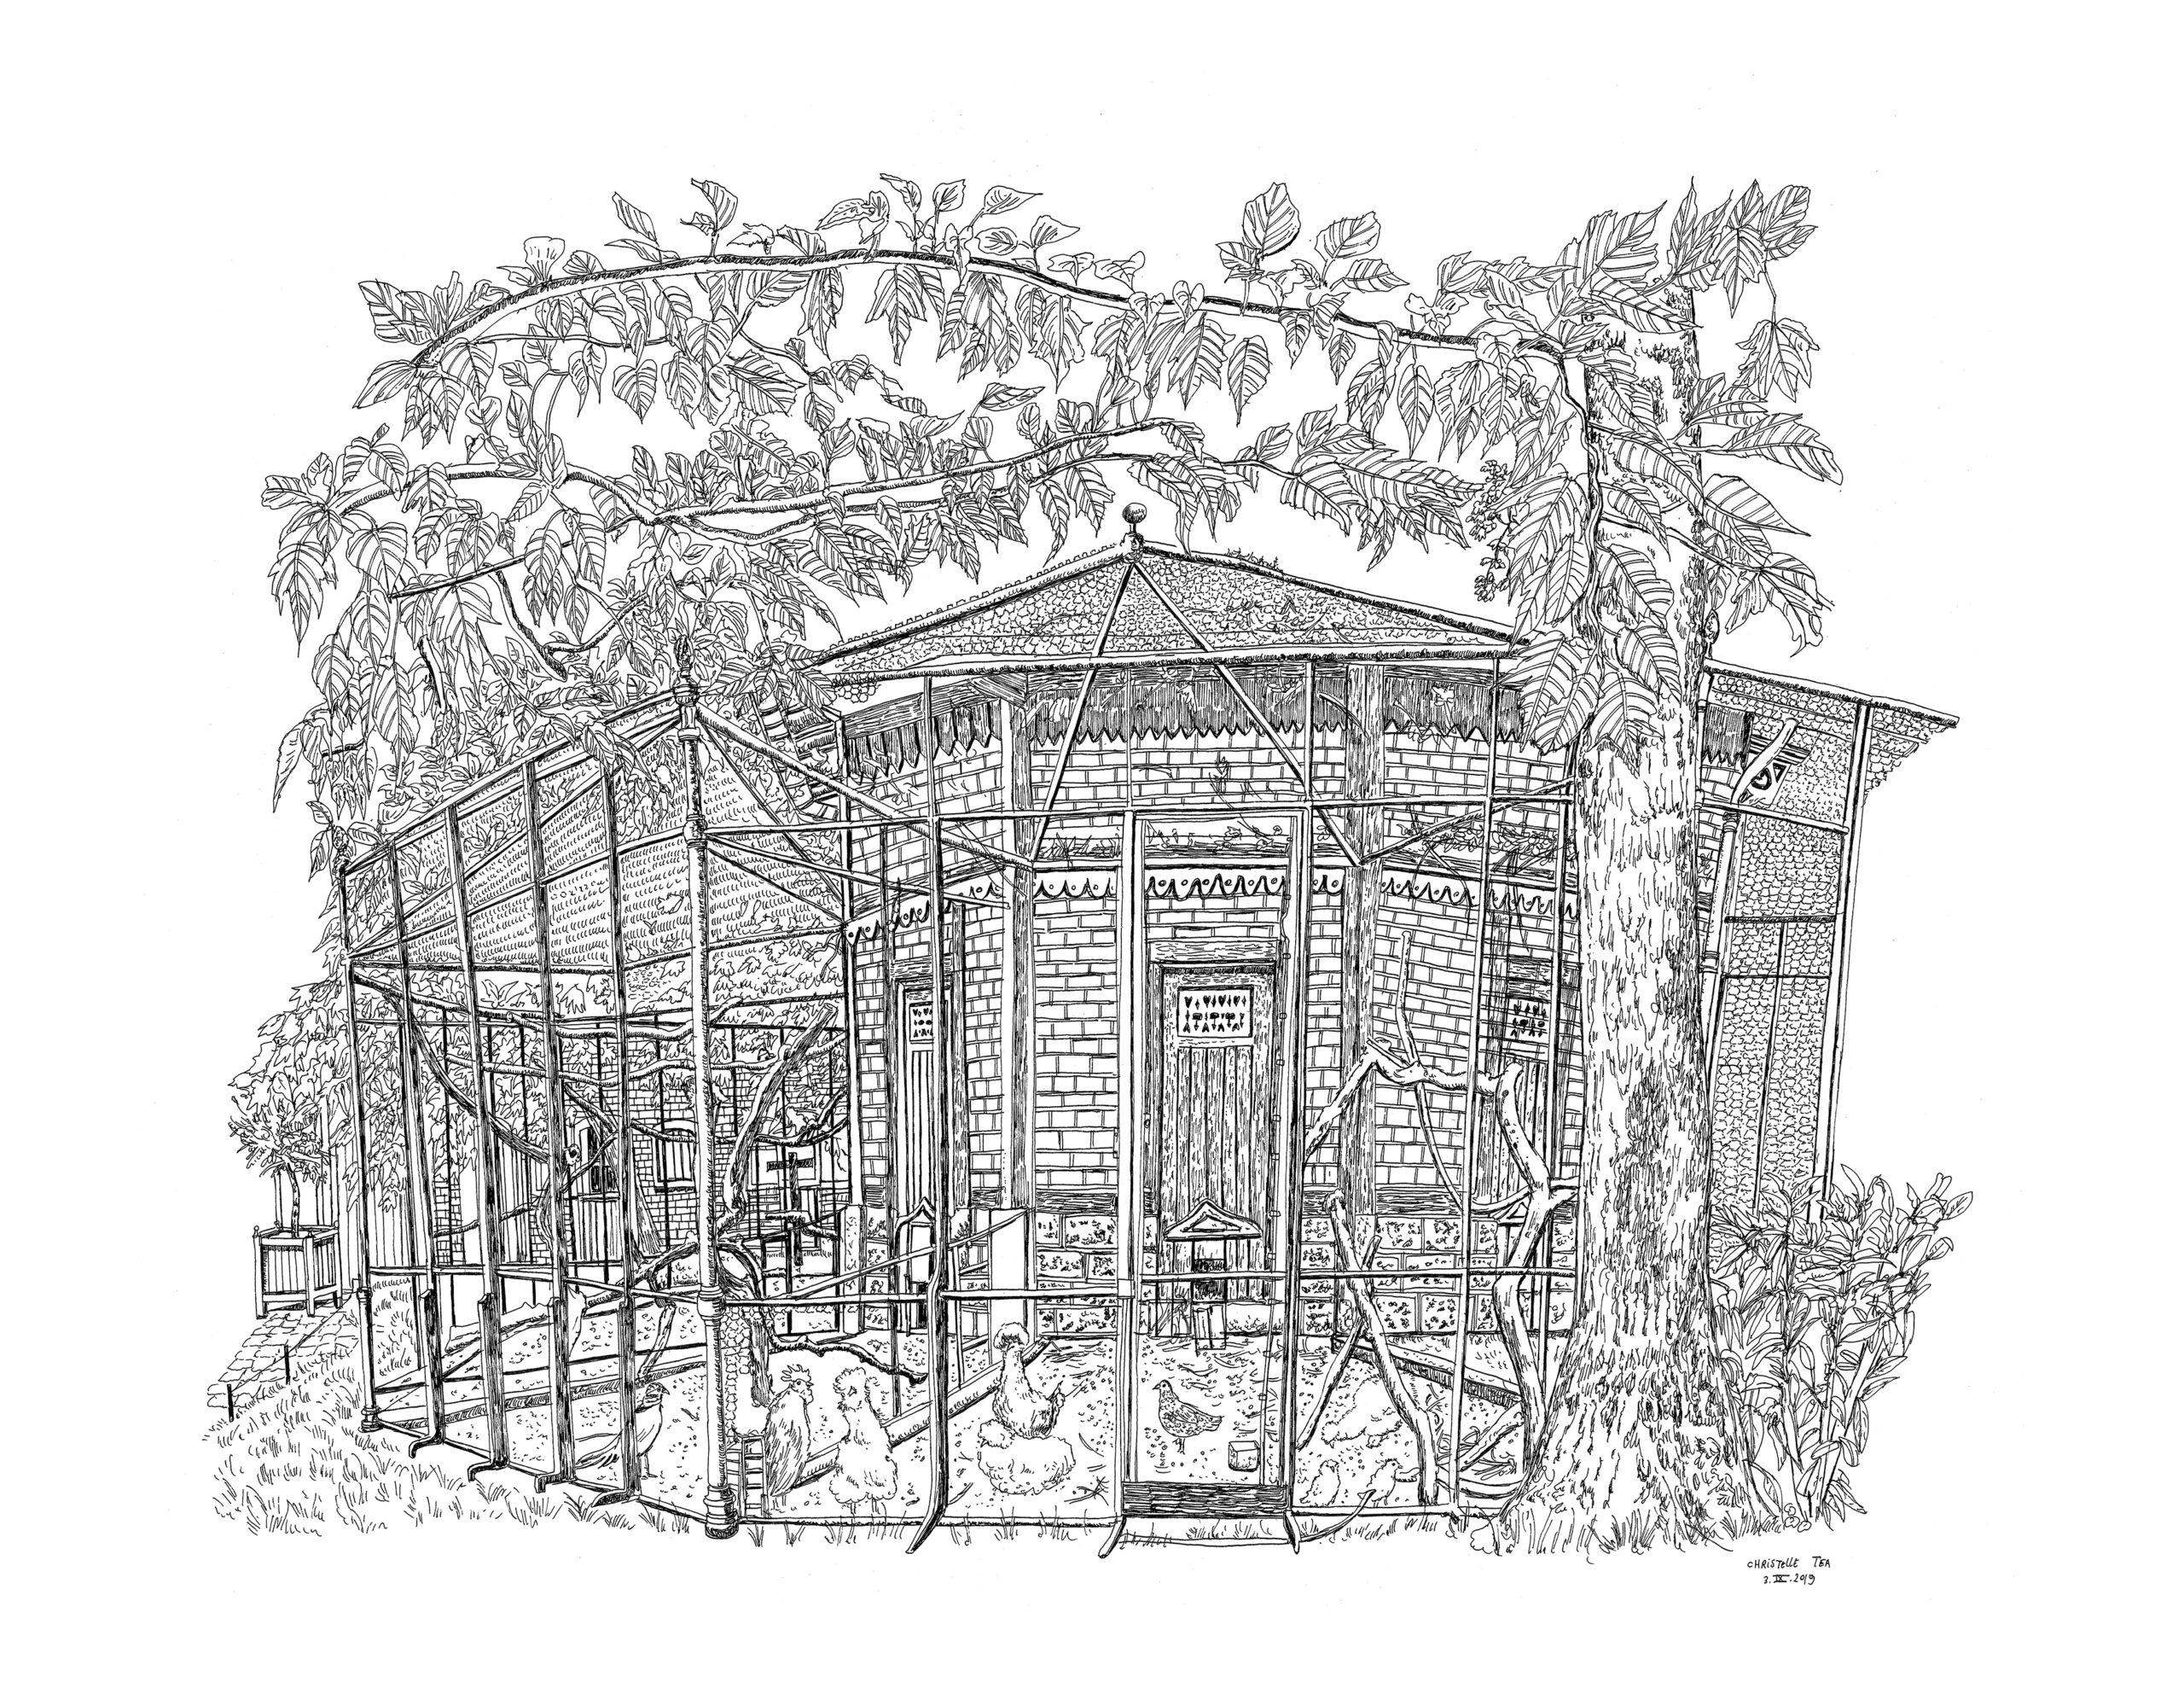 Les poules, les poussins, le coq et faisan, Volière, Propriété Caillebotte,Yerres, 3.IX.2019. Encre de Chine sur papier, 50 x 65 cm.